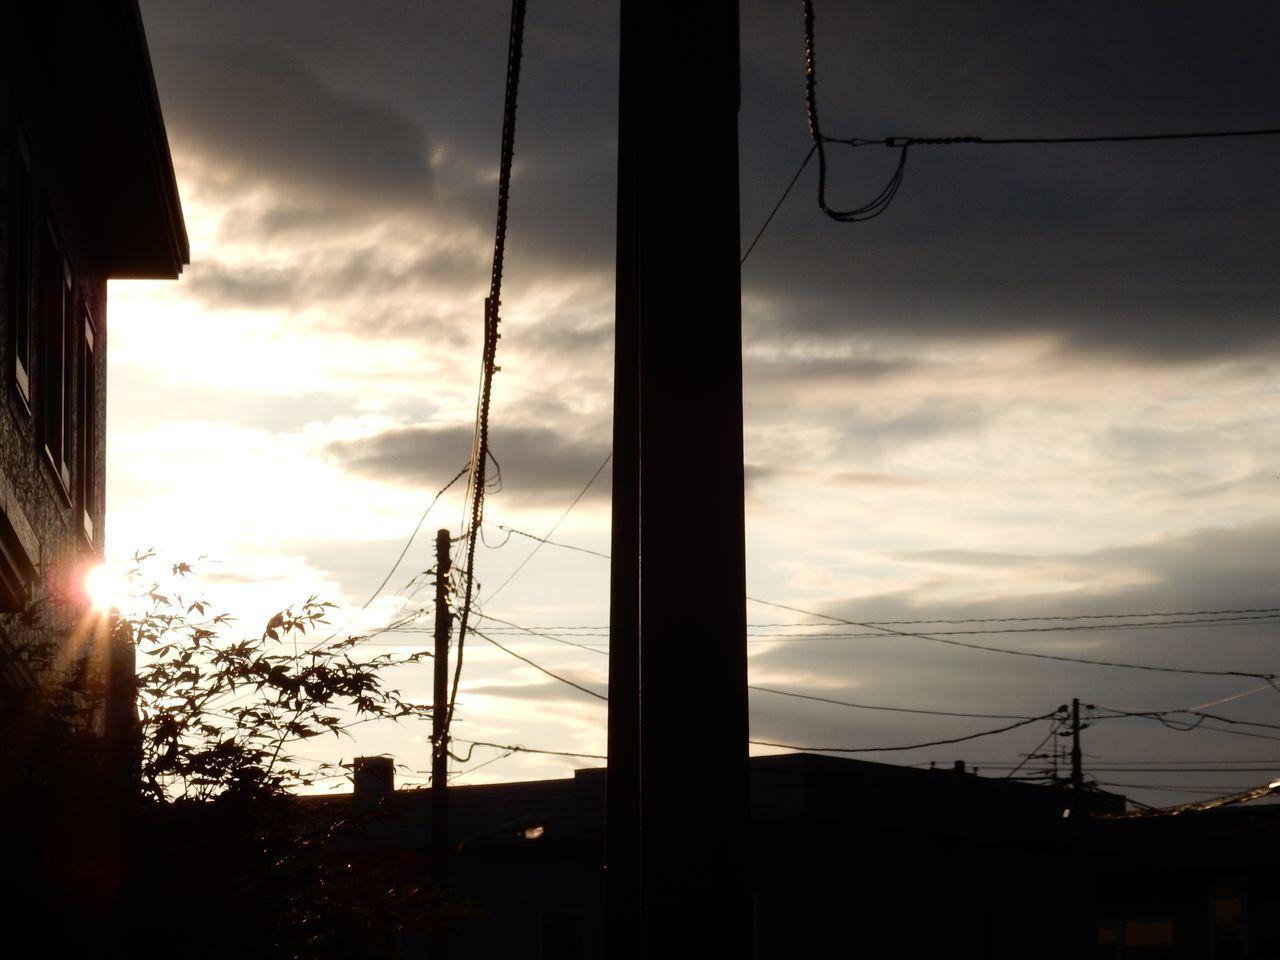 夏至 晴れ 2週間ぶりの25℃ 1日遅れのストロベリームーン_c0025115_22075577.jpg